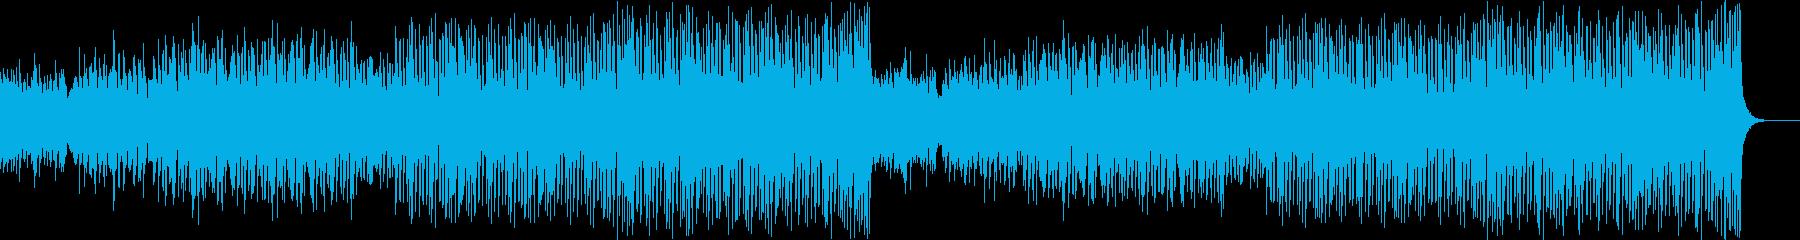 ダンステクノミュージックの再生済みの波形